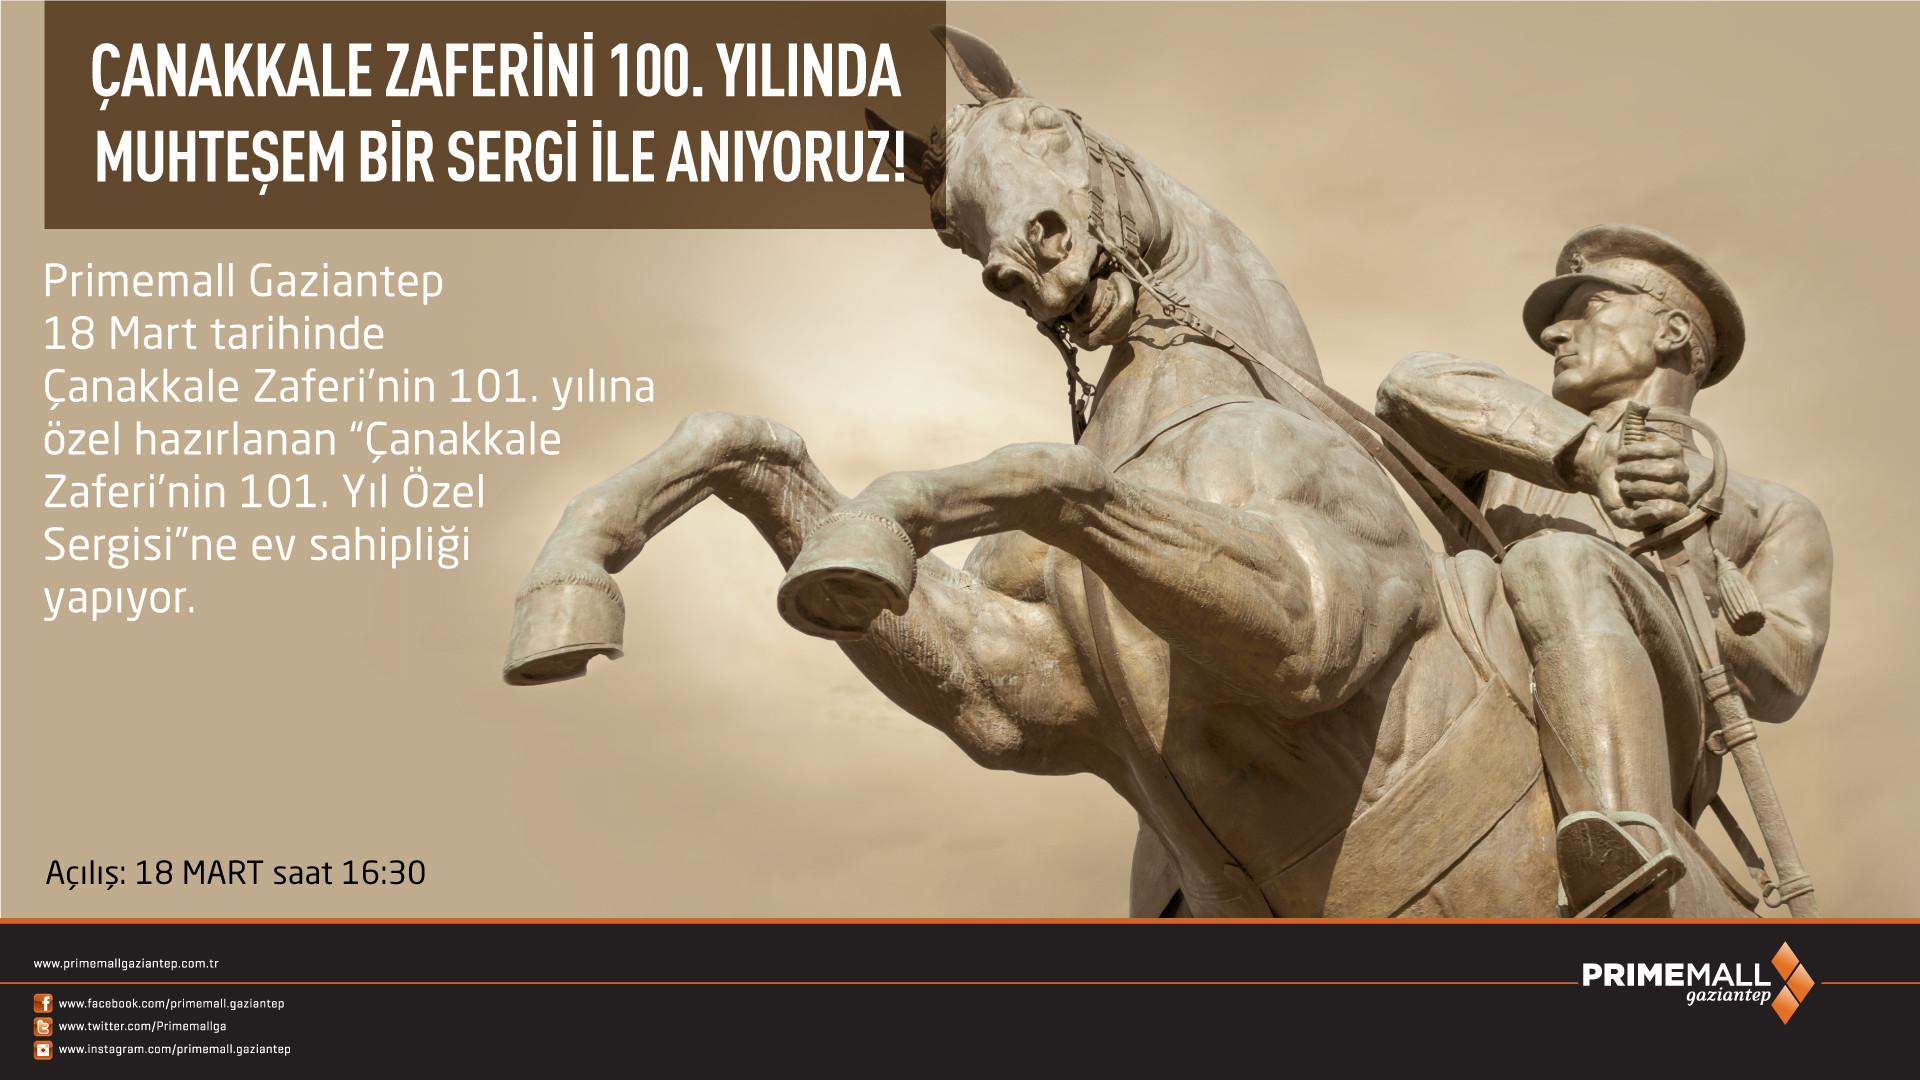 Çanakkale Zaferini 100. yılında Muhteşem Bir Sergi İle Anıyoruz!